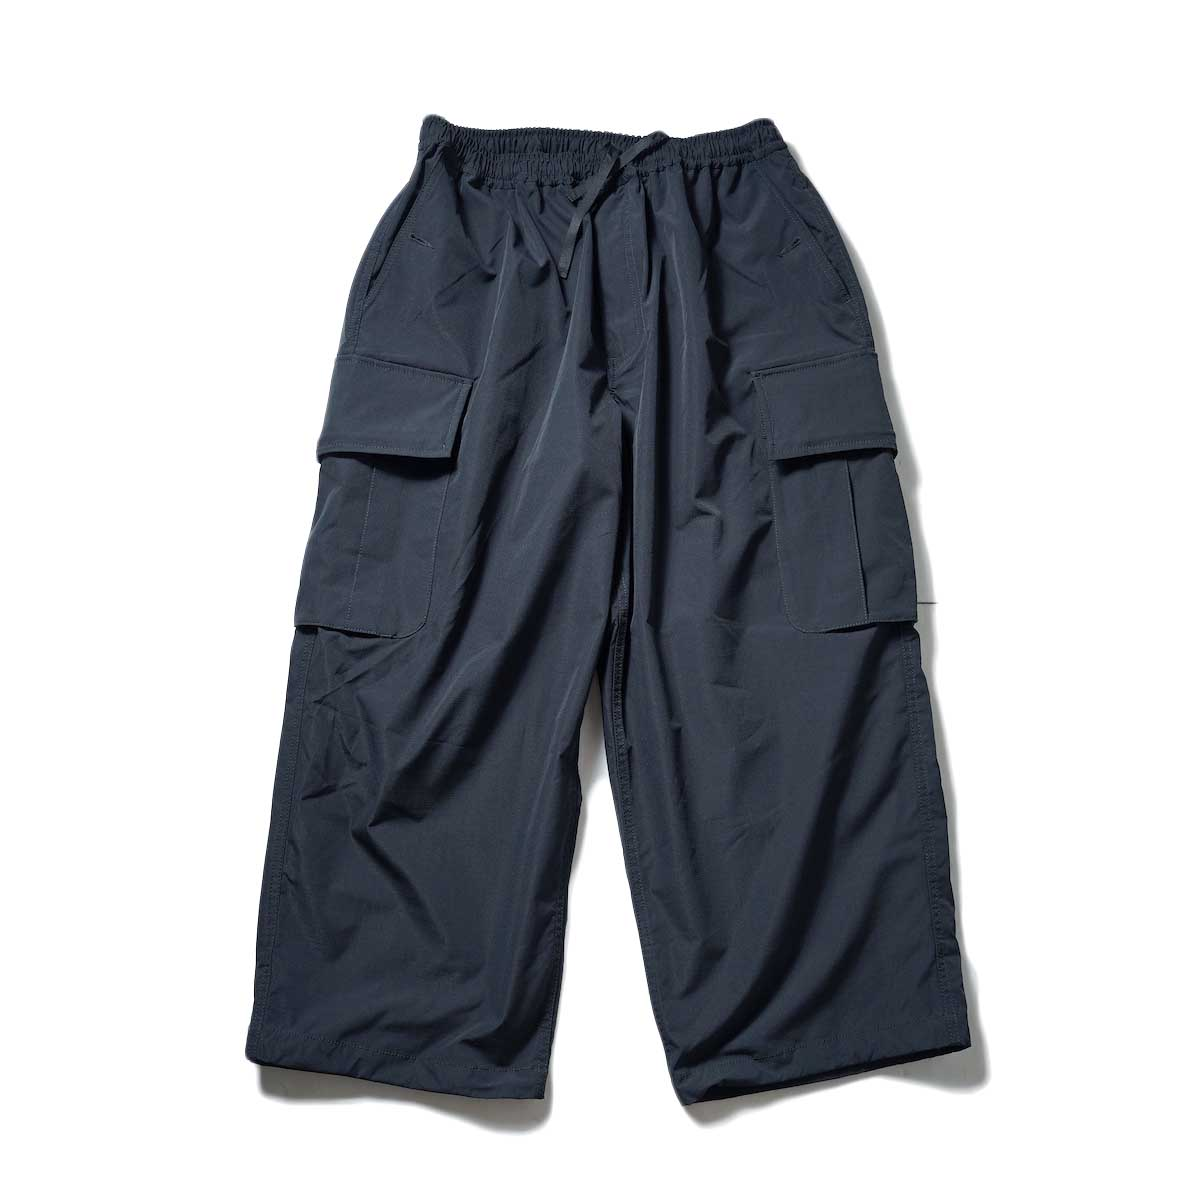 DAIWA PIER39 / TECH WIDE 6P PANTS (Rip-Stop) (Black)